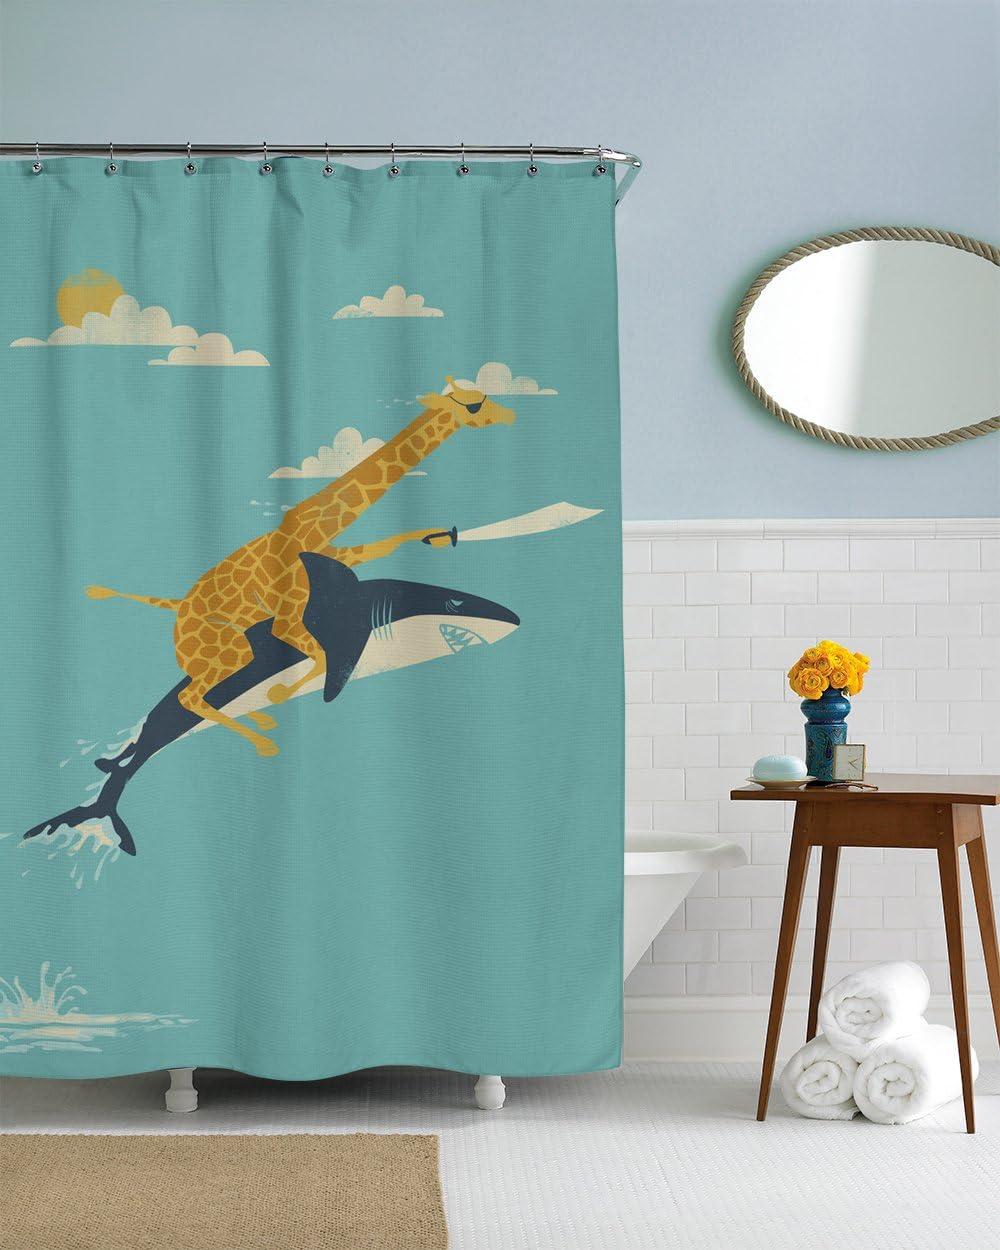 Amazon Com Shark Shower Curtain Beach Cabin Decor Nautical Bathroom Ideas Giraffe Shower Curtain Pirate Theme Decor Beach Theme Art Giraffe Art Home Kitchen